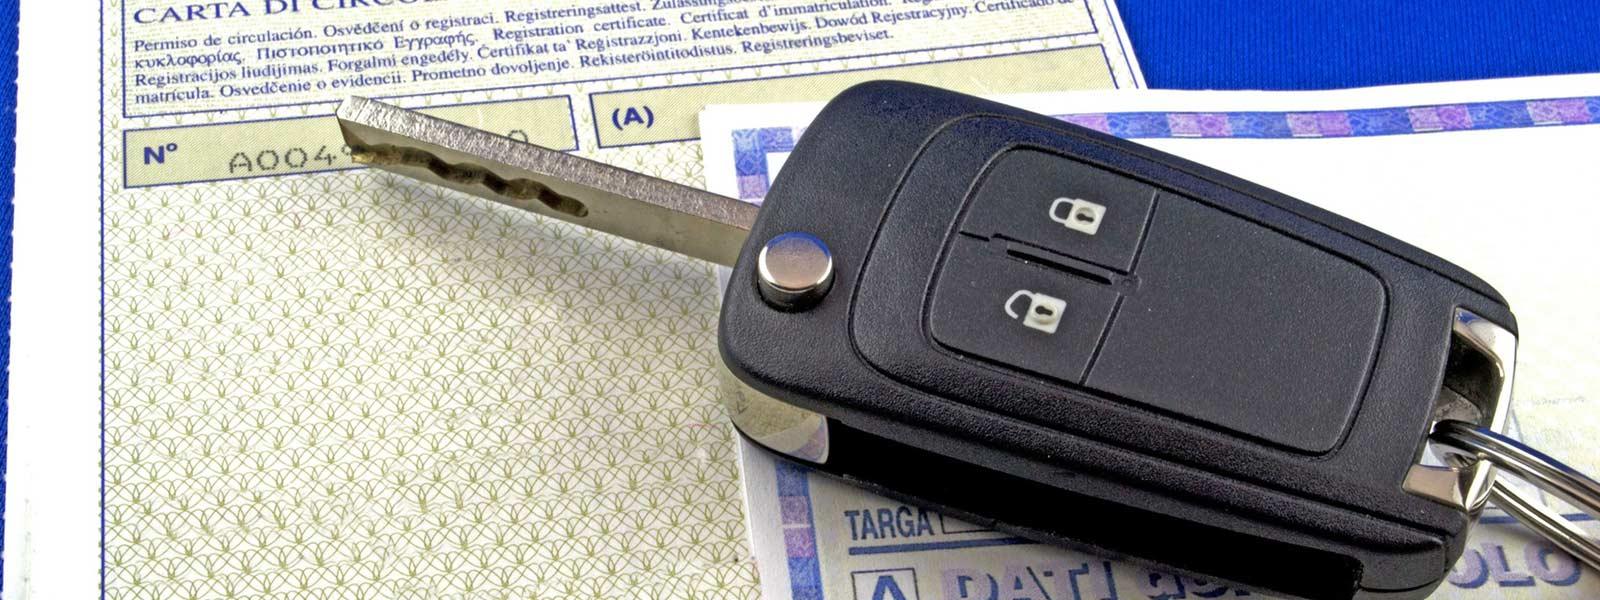 pratiche automobilistiche monza e brianza